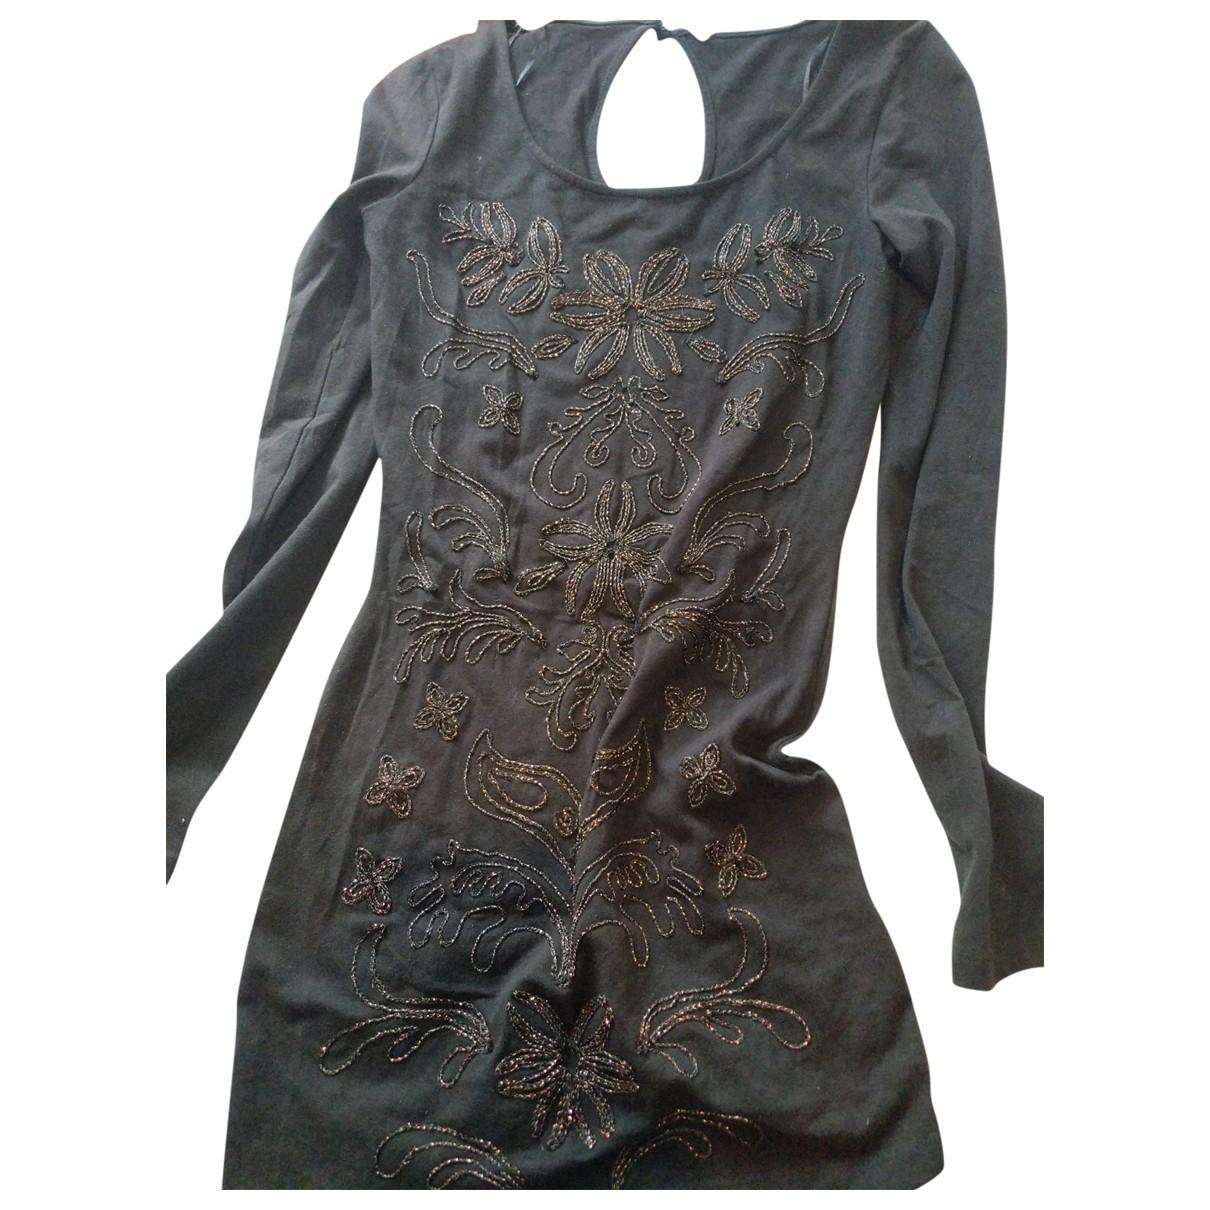 Free People - Robe   pour femme en coton - noir